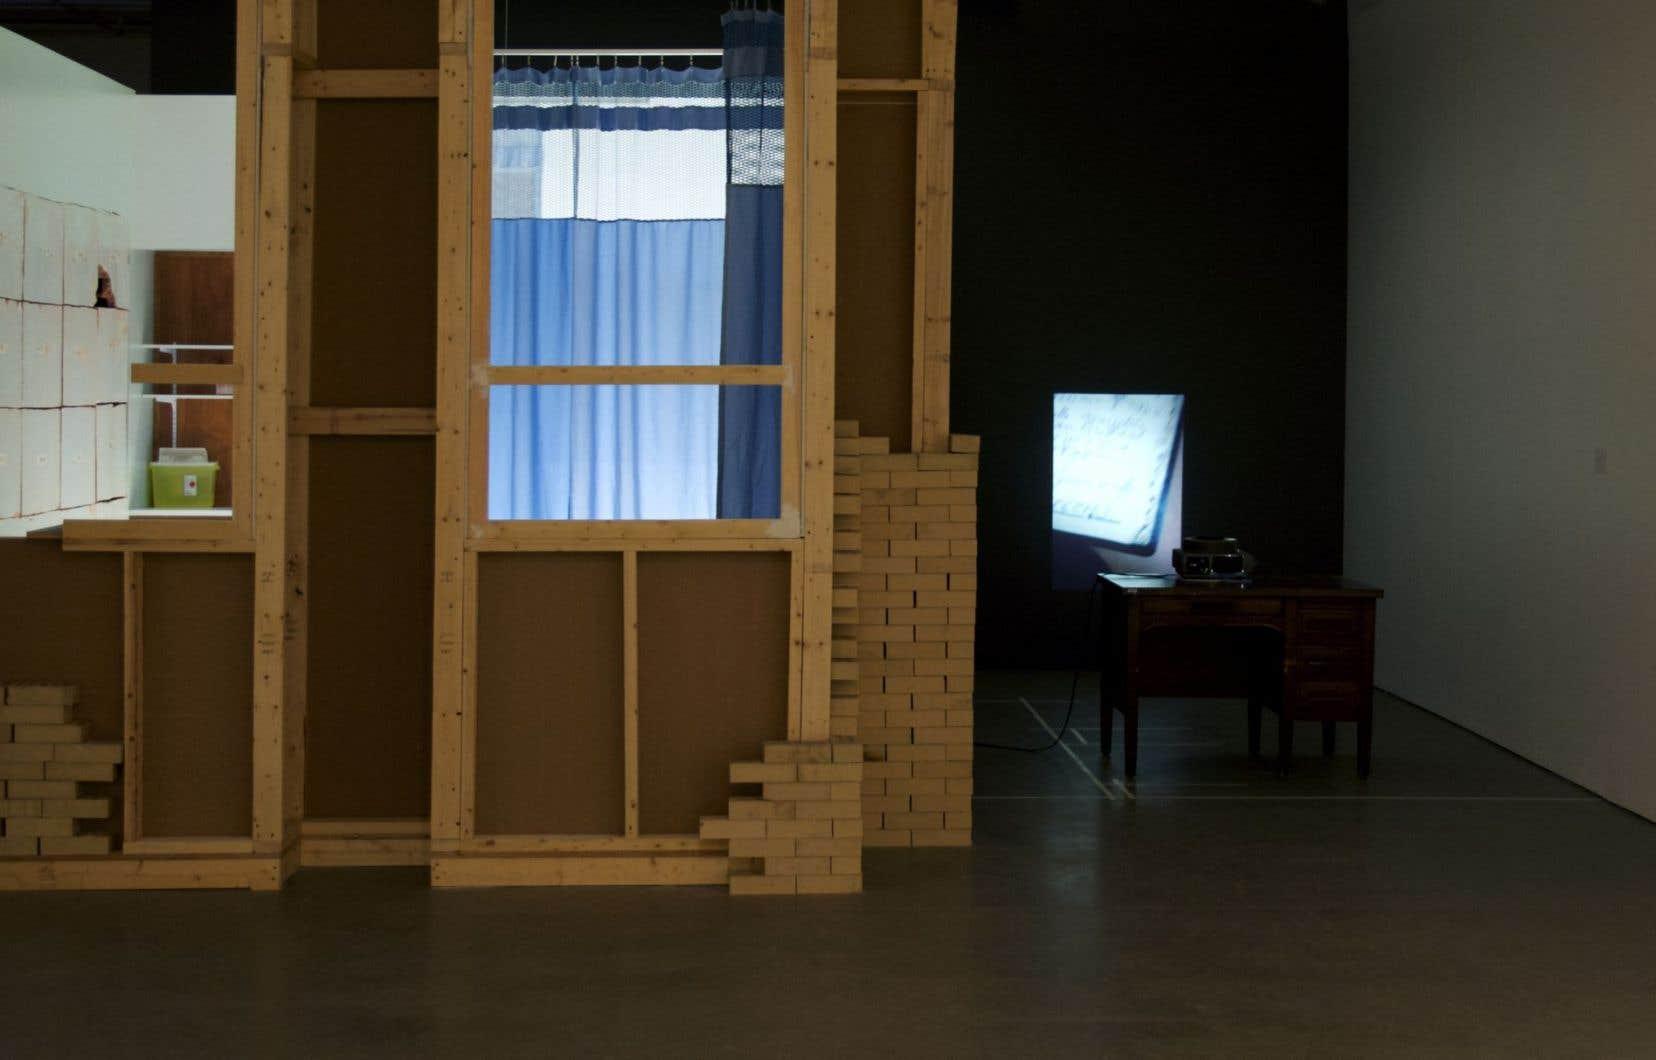 L'artiste Yann Pocreau nous parle avec attention et sensibilité de la mémoire immatérielle individuelle, mais aussi collective.